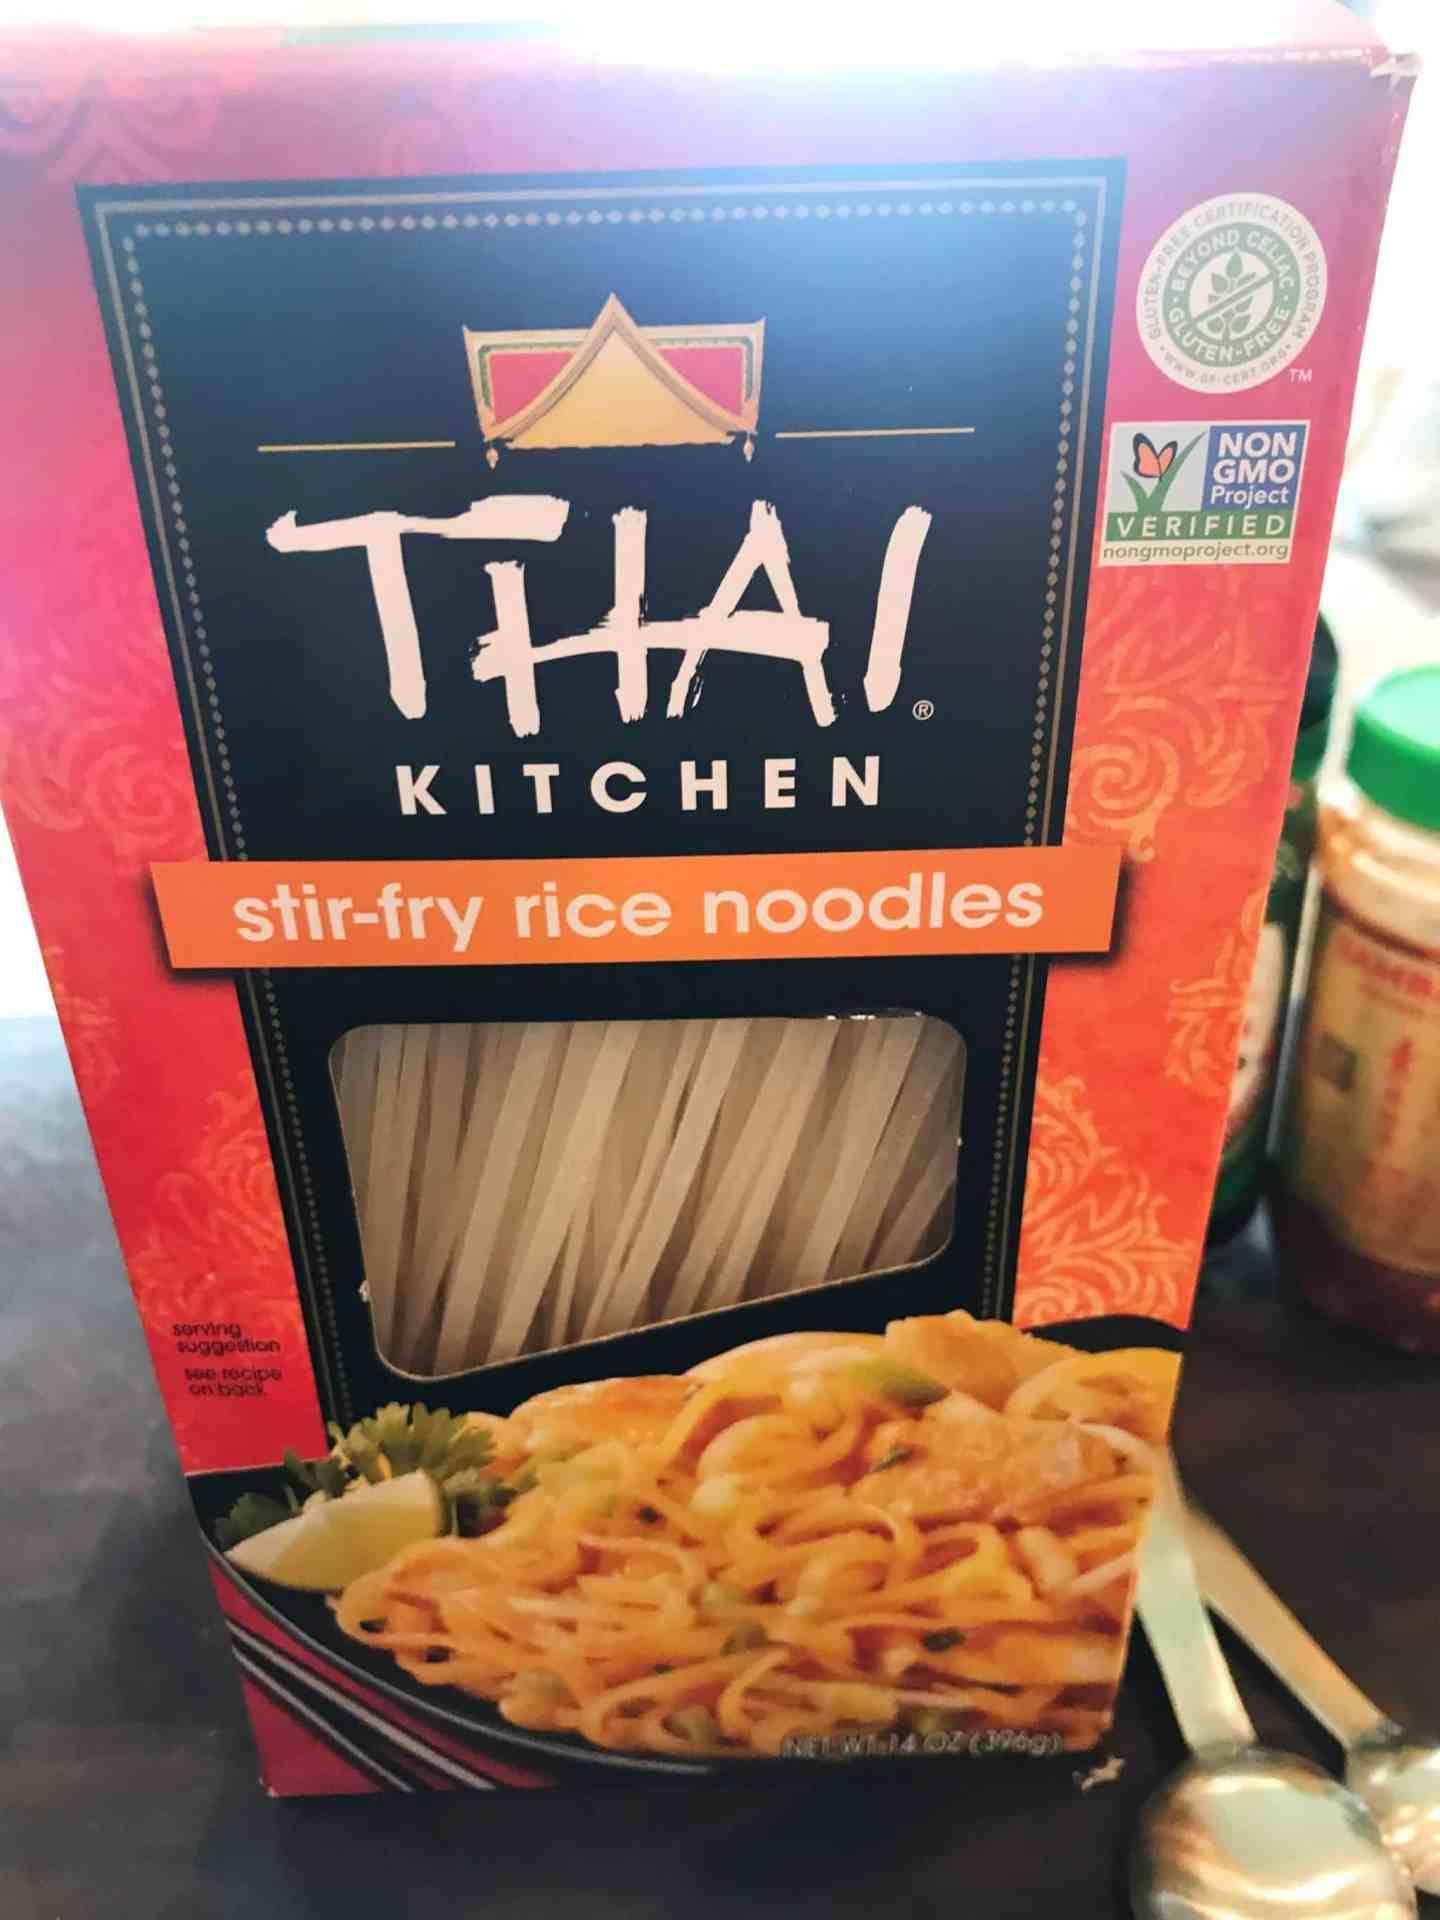 Thai kitchen gluten free stir fry noodles